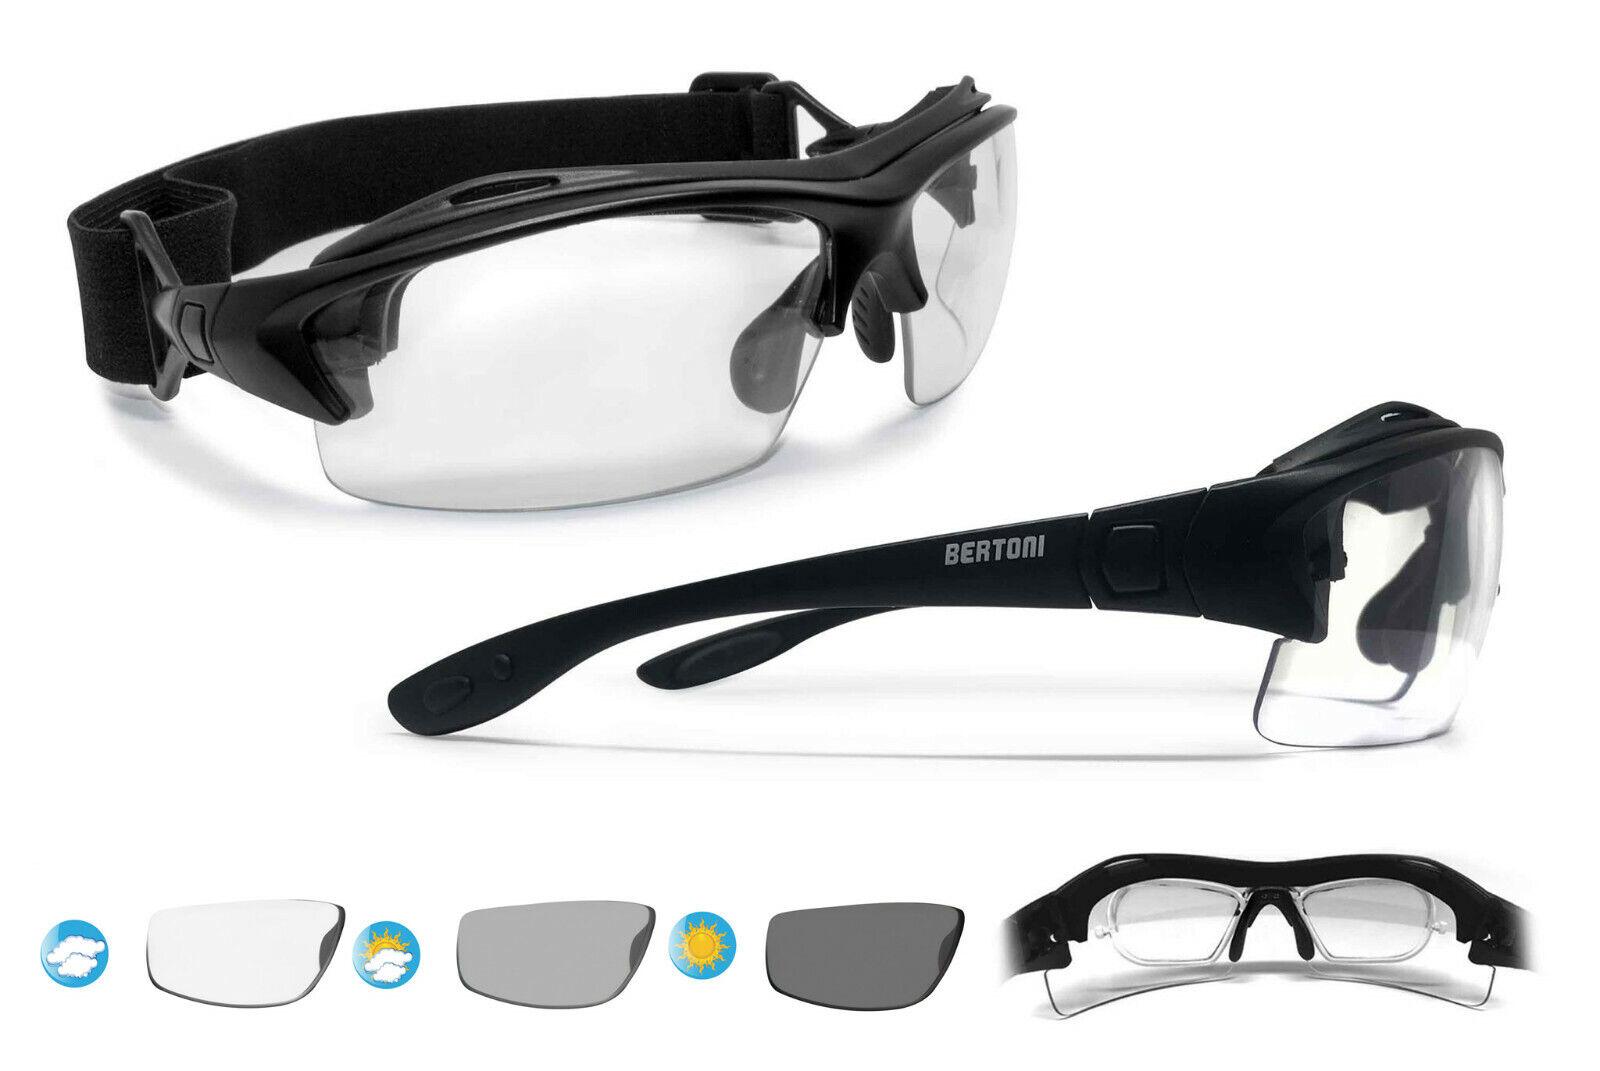 Bertoni Sport Prescription Photochromic Sunglasses ConGrünible to Goggles - F399